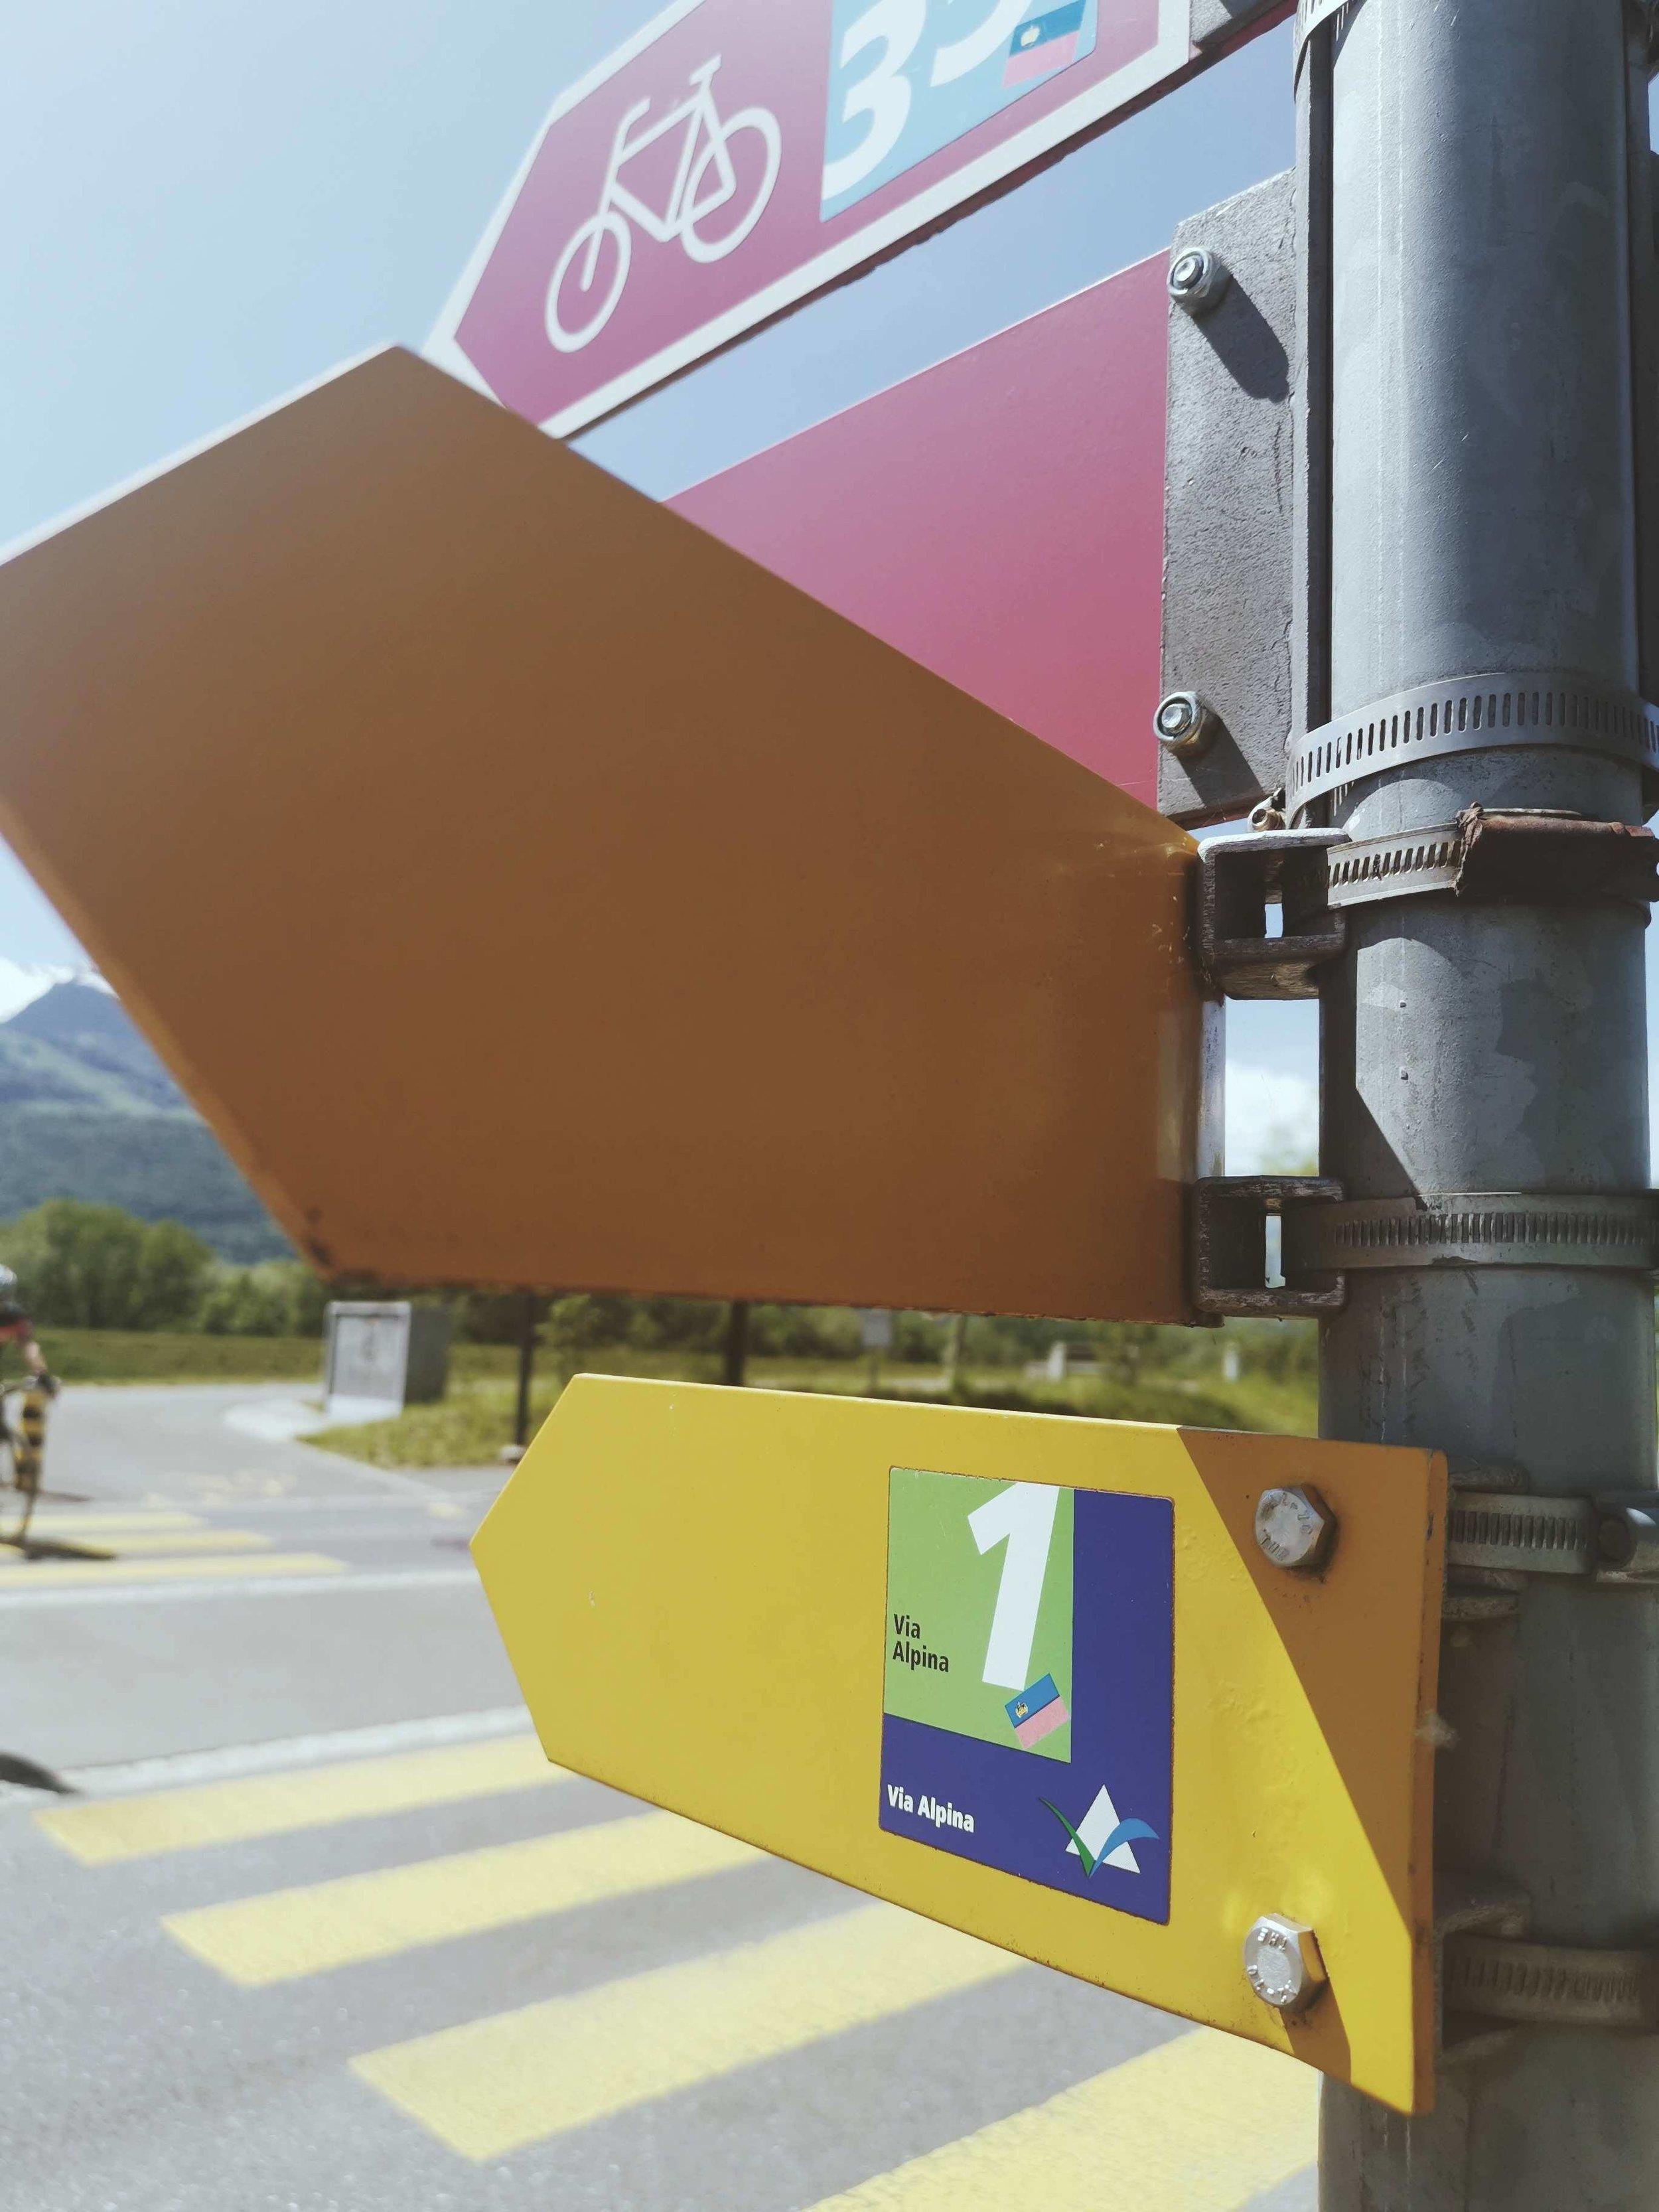 Wegweiser der Via Alpina: #1